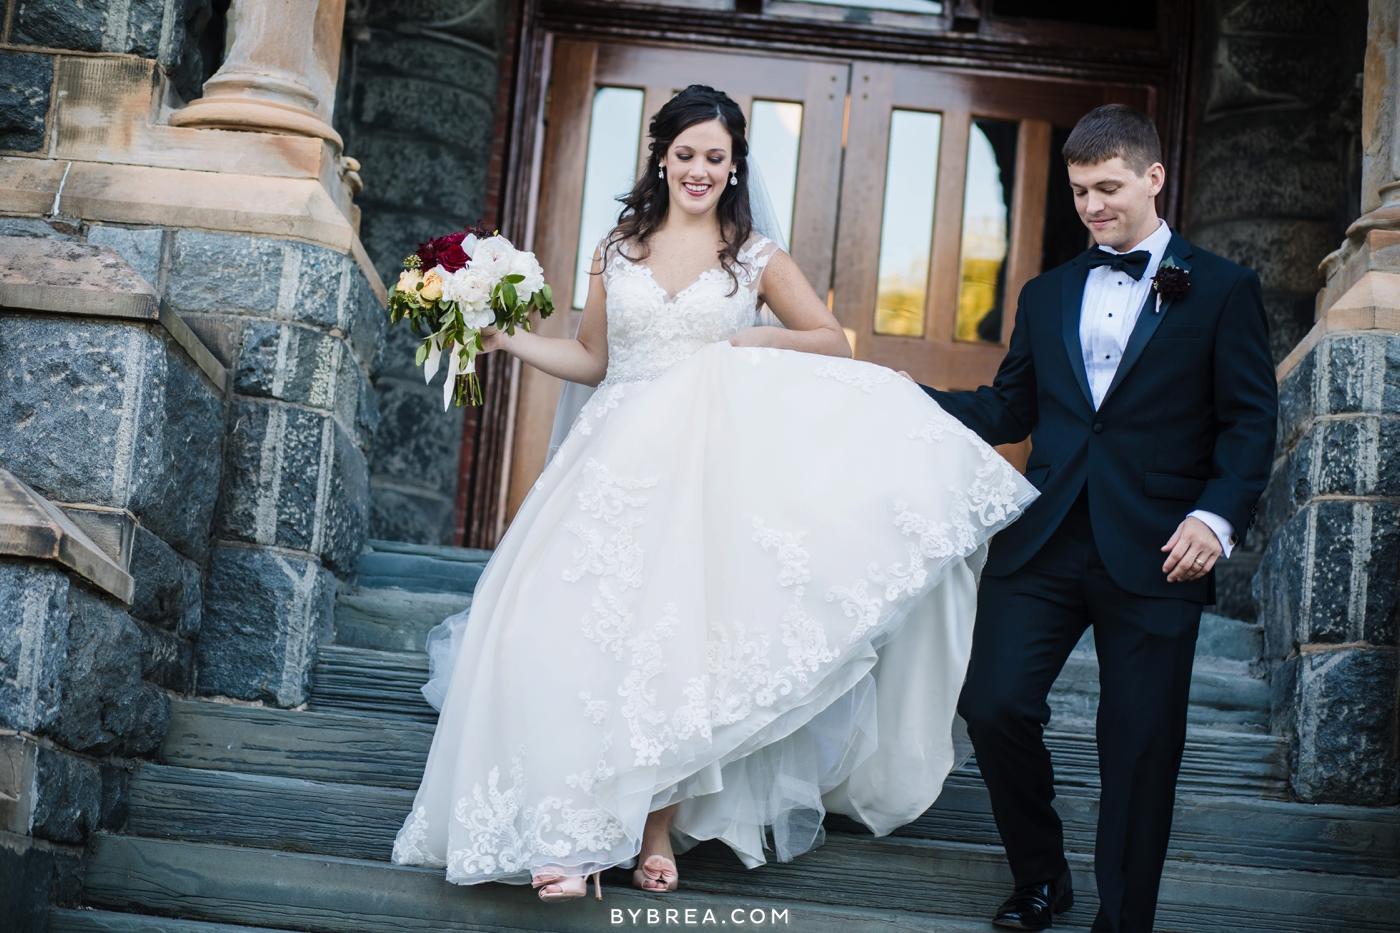 Dahlgren Chapel wedding groom helping bride down stairs